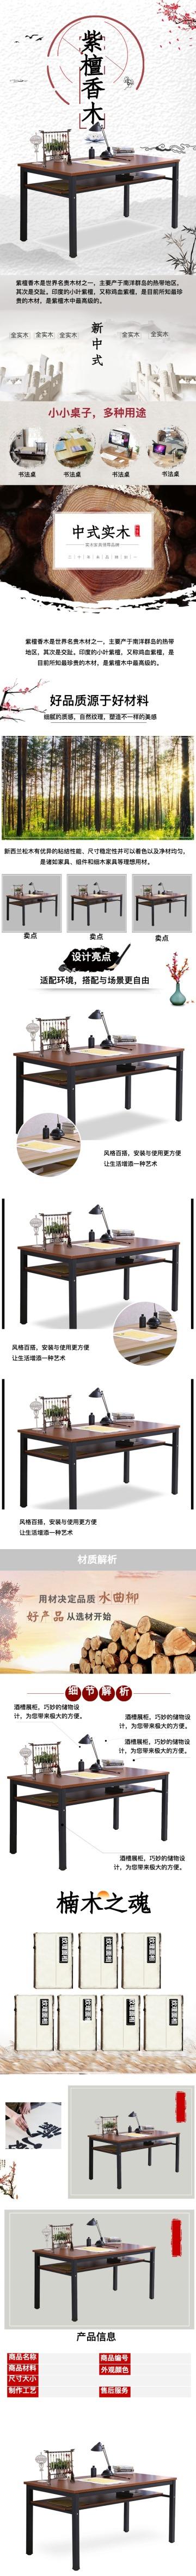 中式古朴紫檀木书桌电商详情图